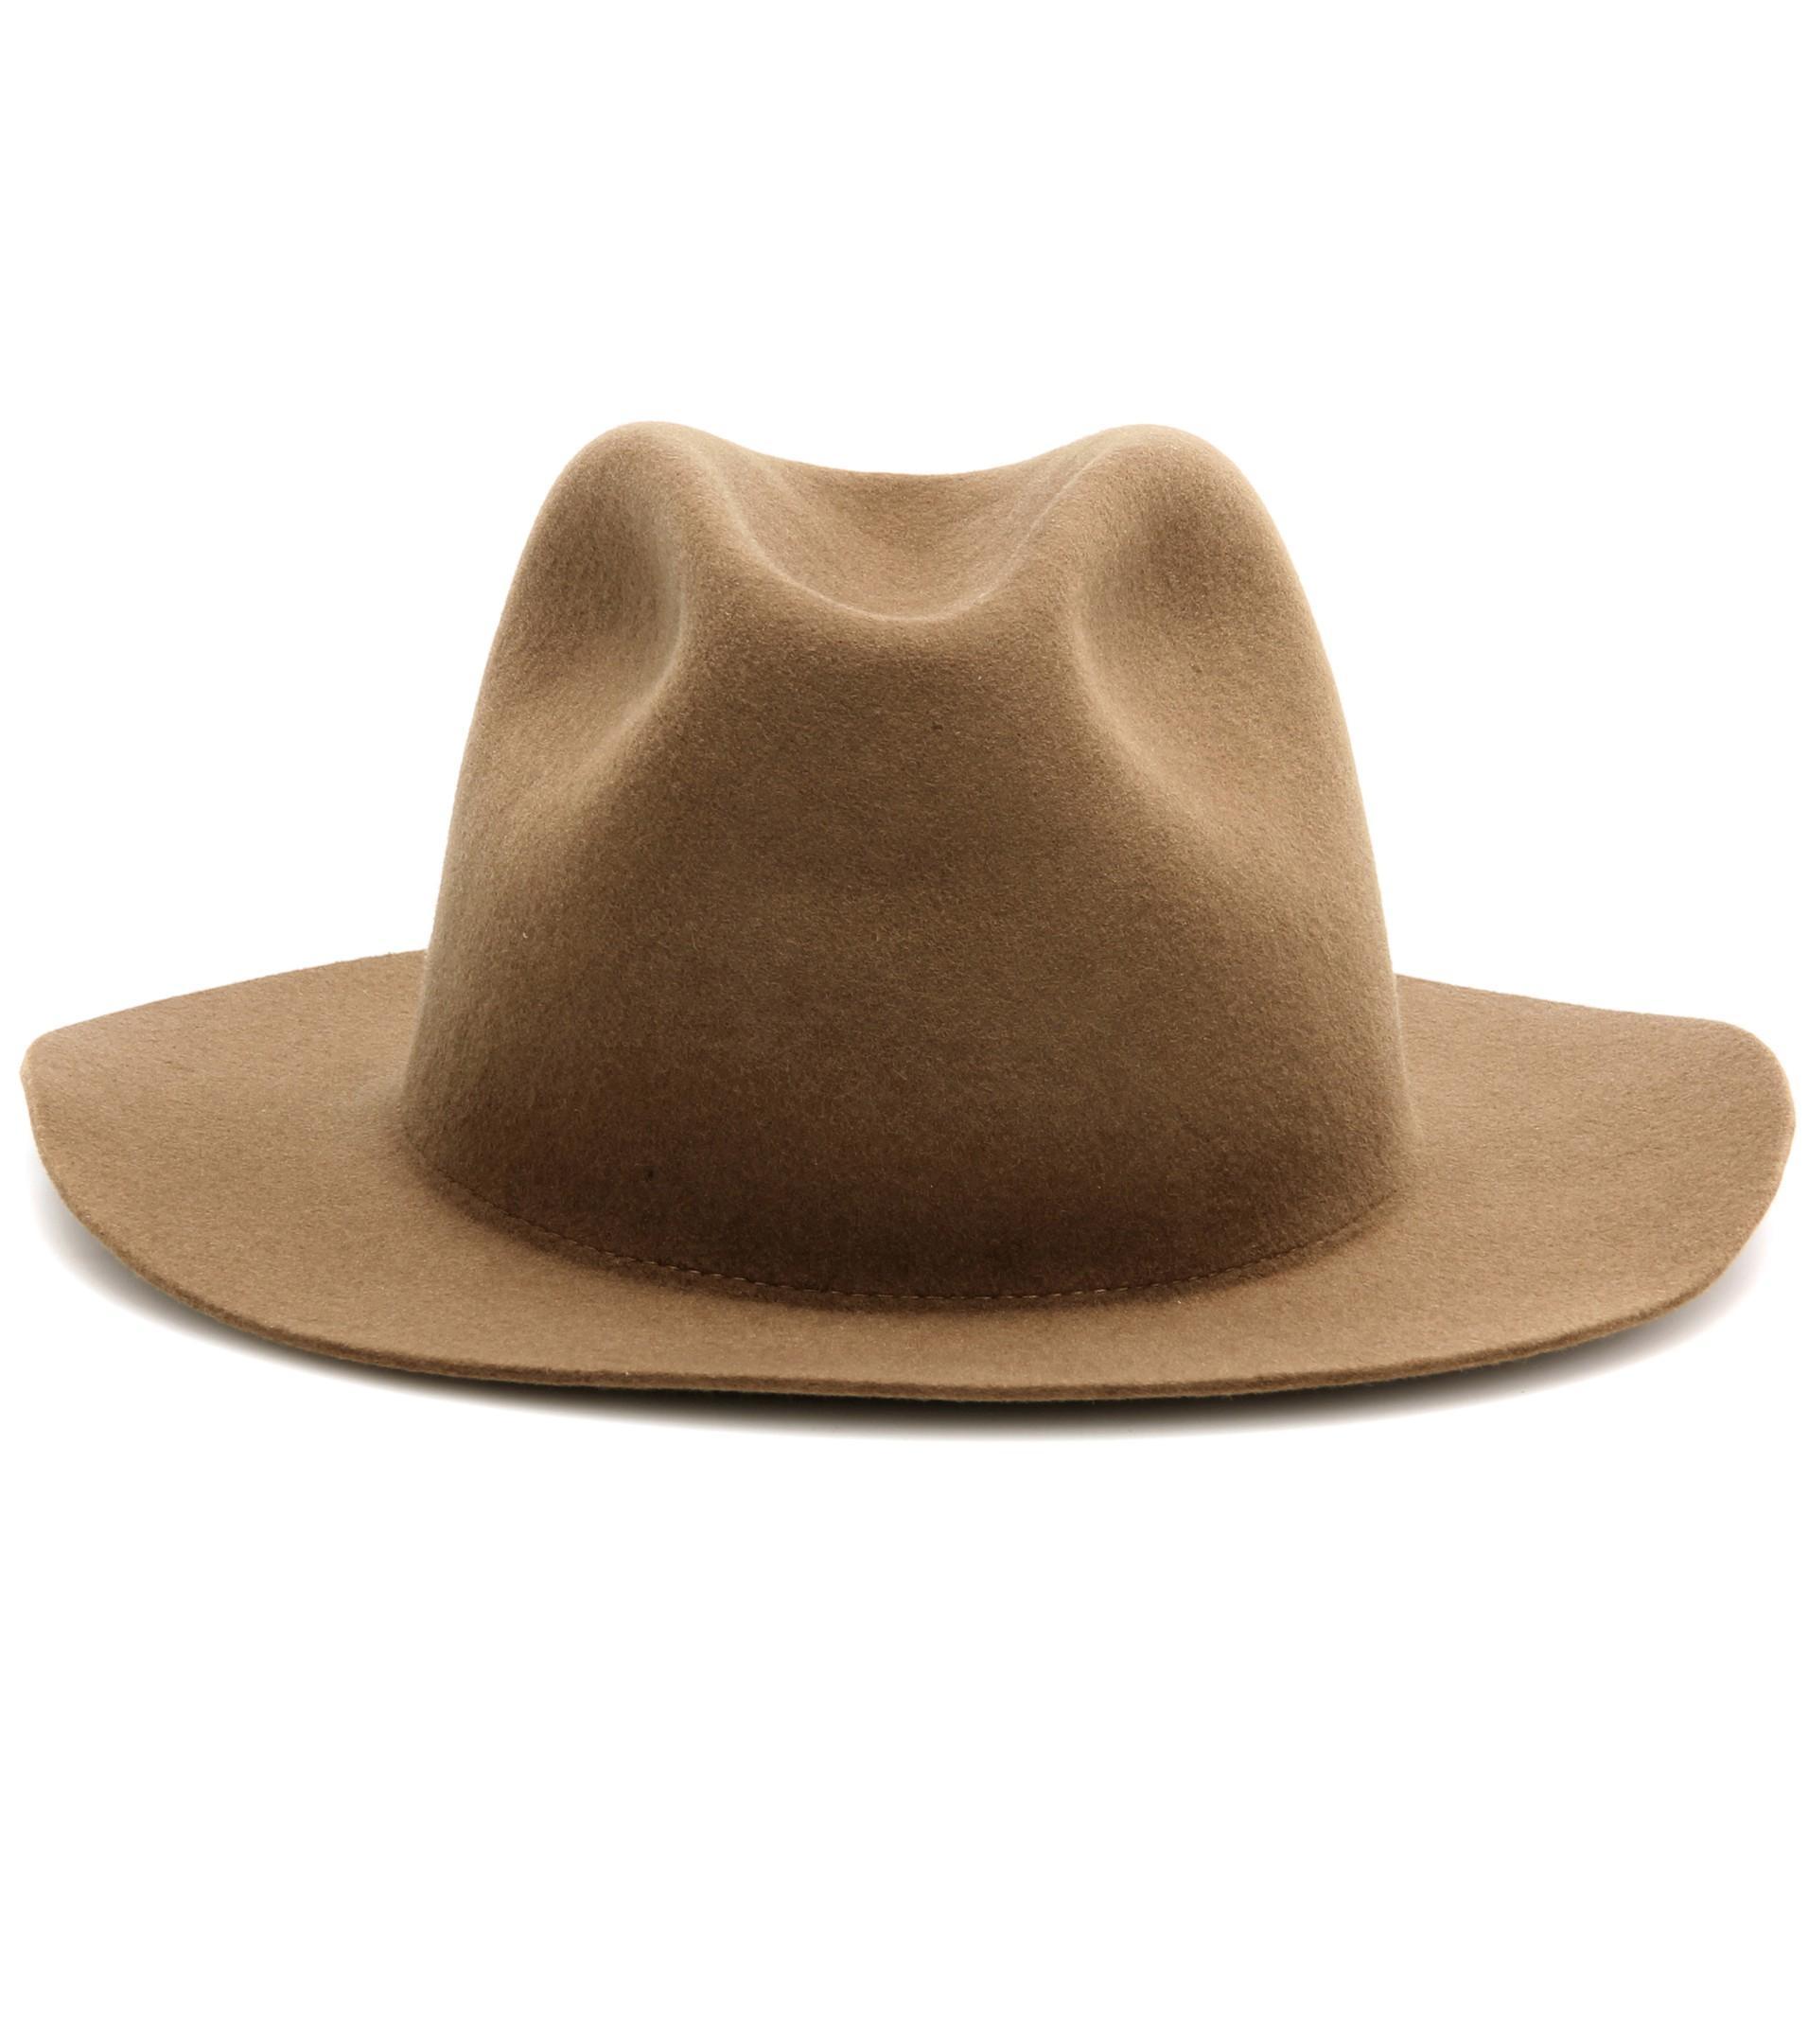 Cappelli di tendenza  15 modelli su cui puntare in autunno - Tgcom24 5991db1baf9e